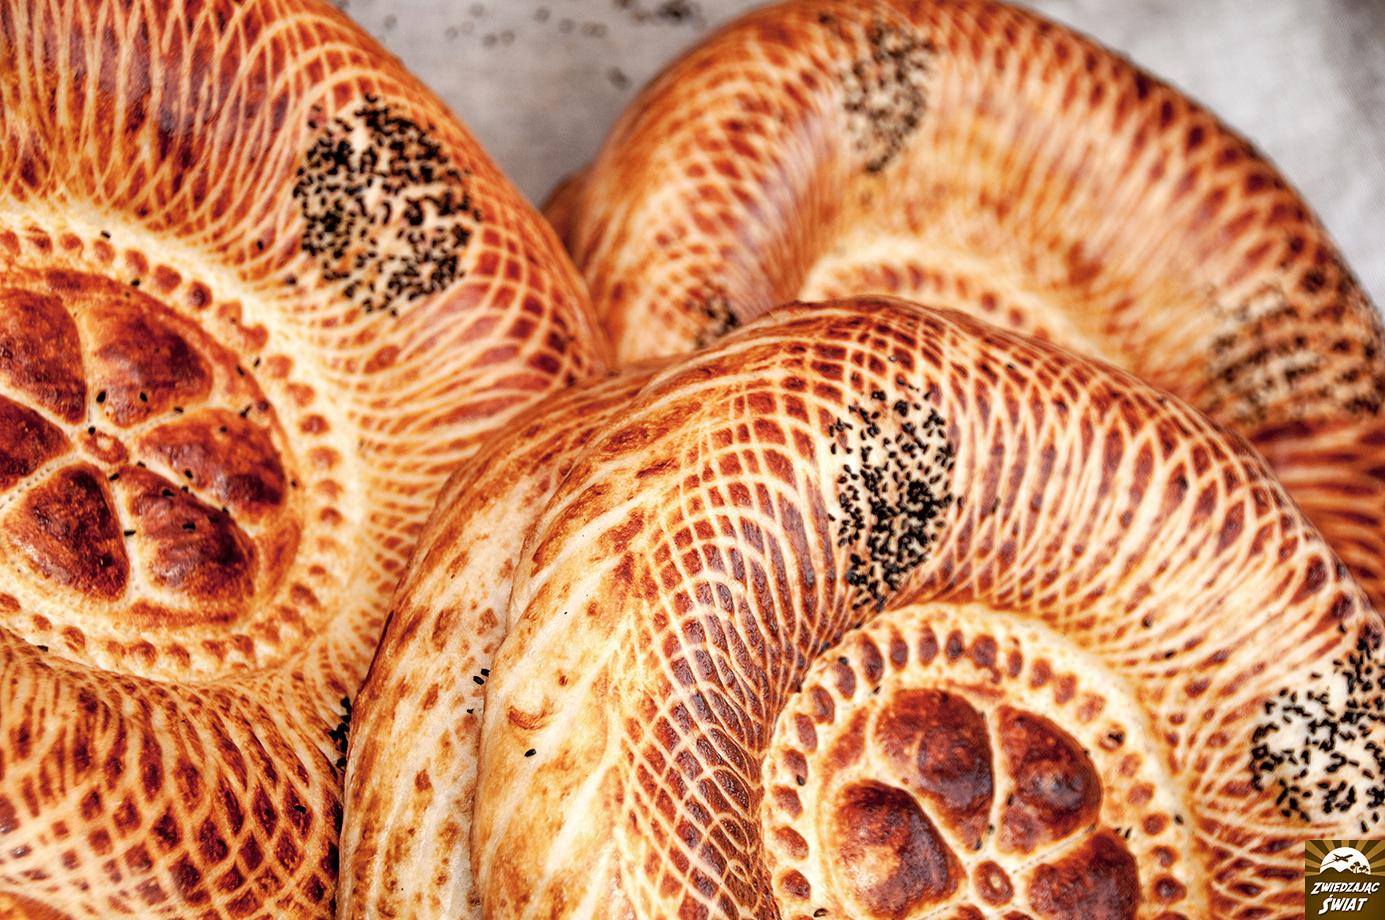 Uzbekistan - lepioszki - kuchnie świata. Autorka zdjęcia: Marta Wójciak